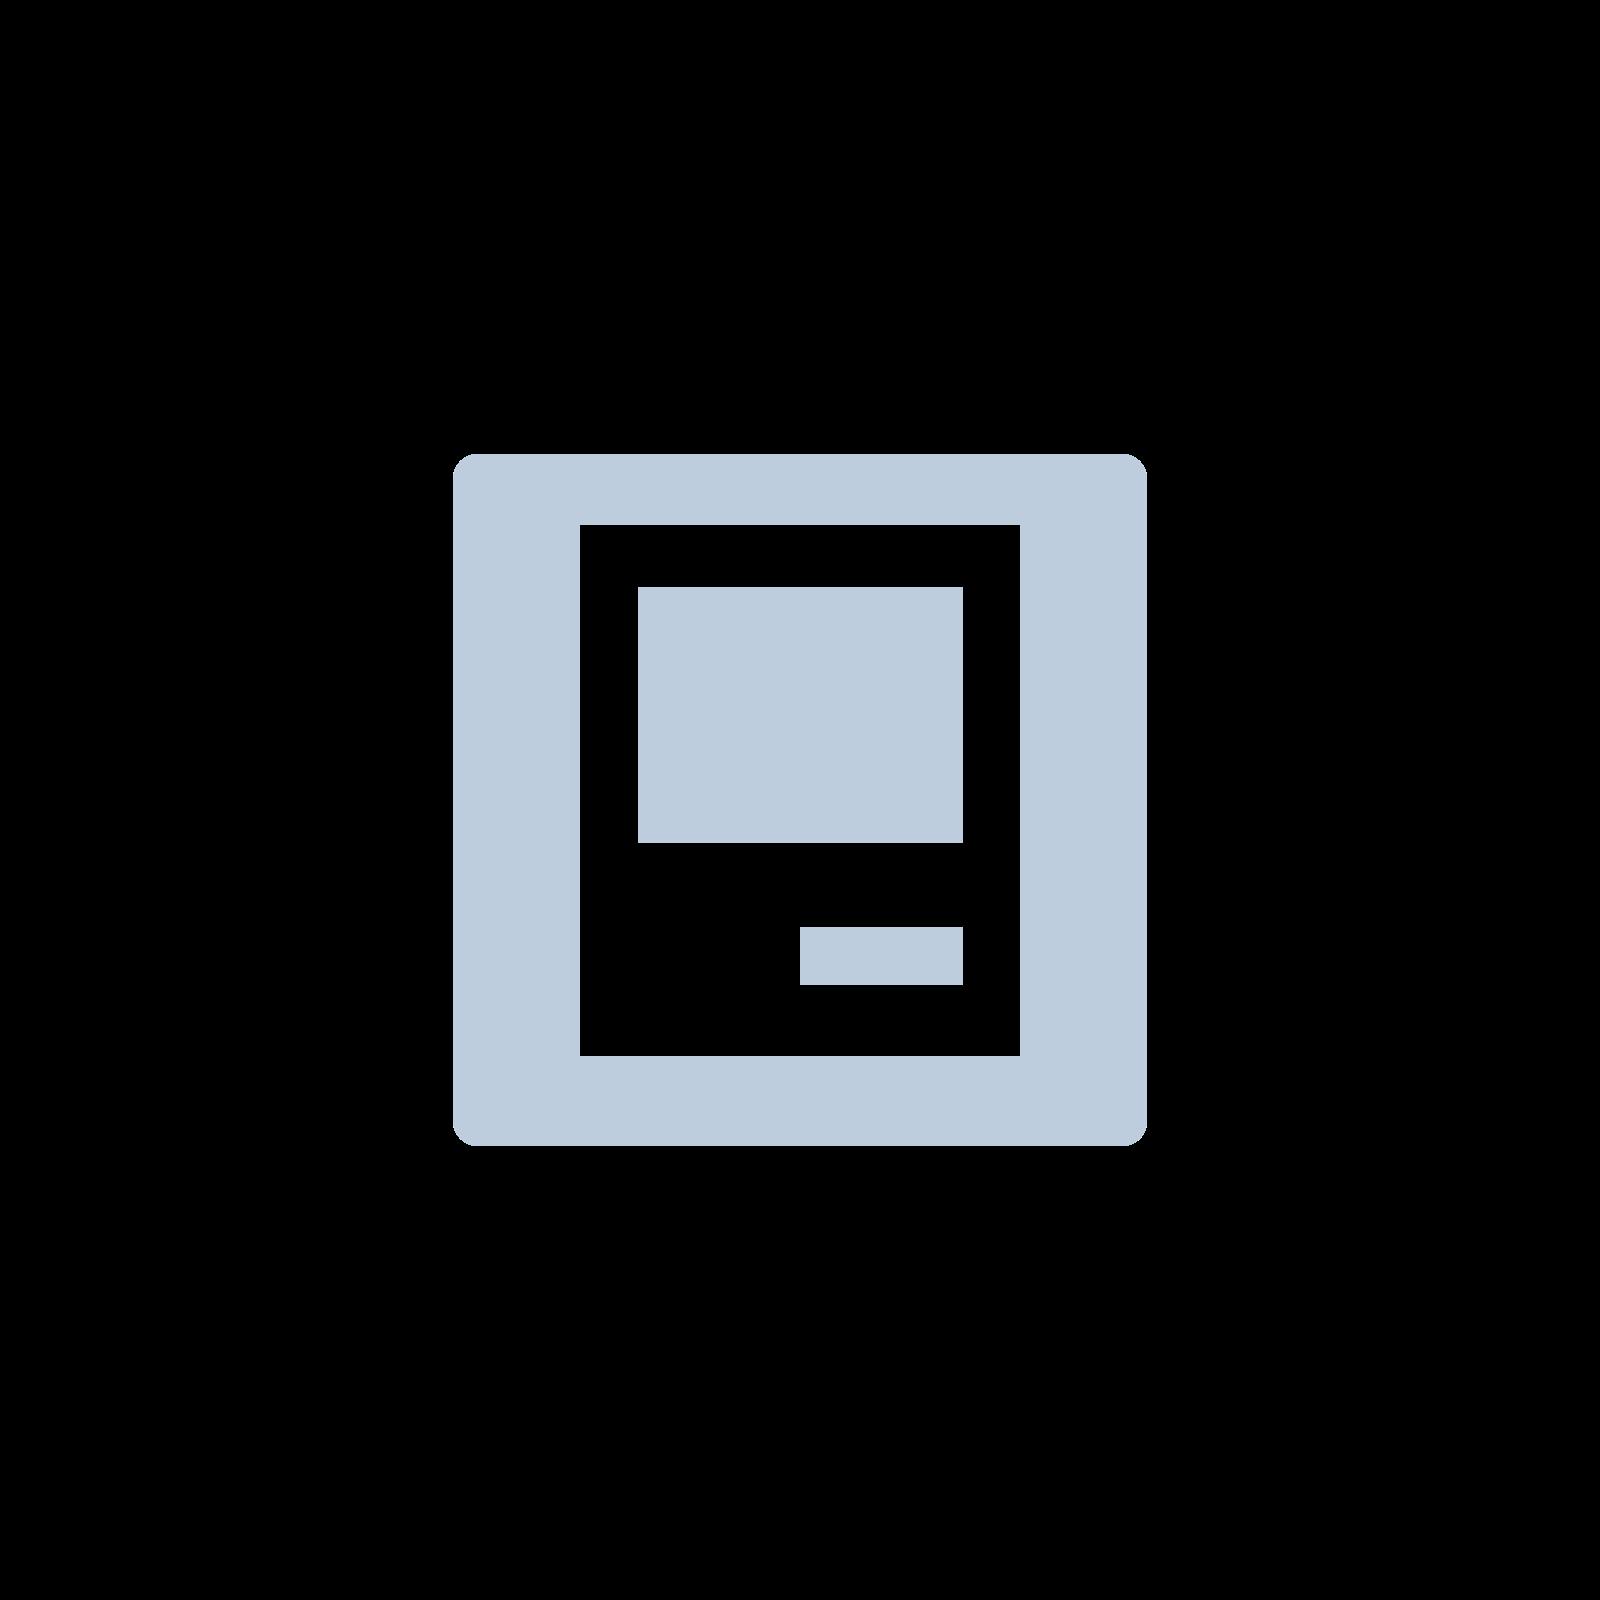 Apple iPad Air (1. Generation) 16GB Wi-Fi + Cellular Space Grau